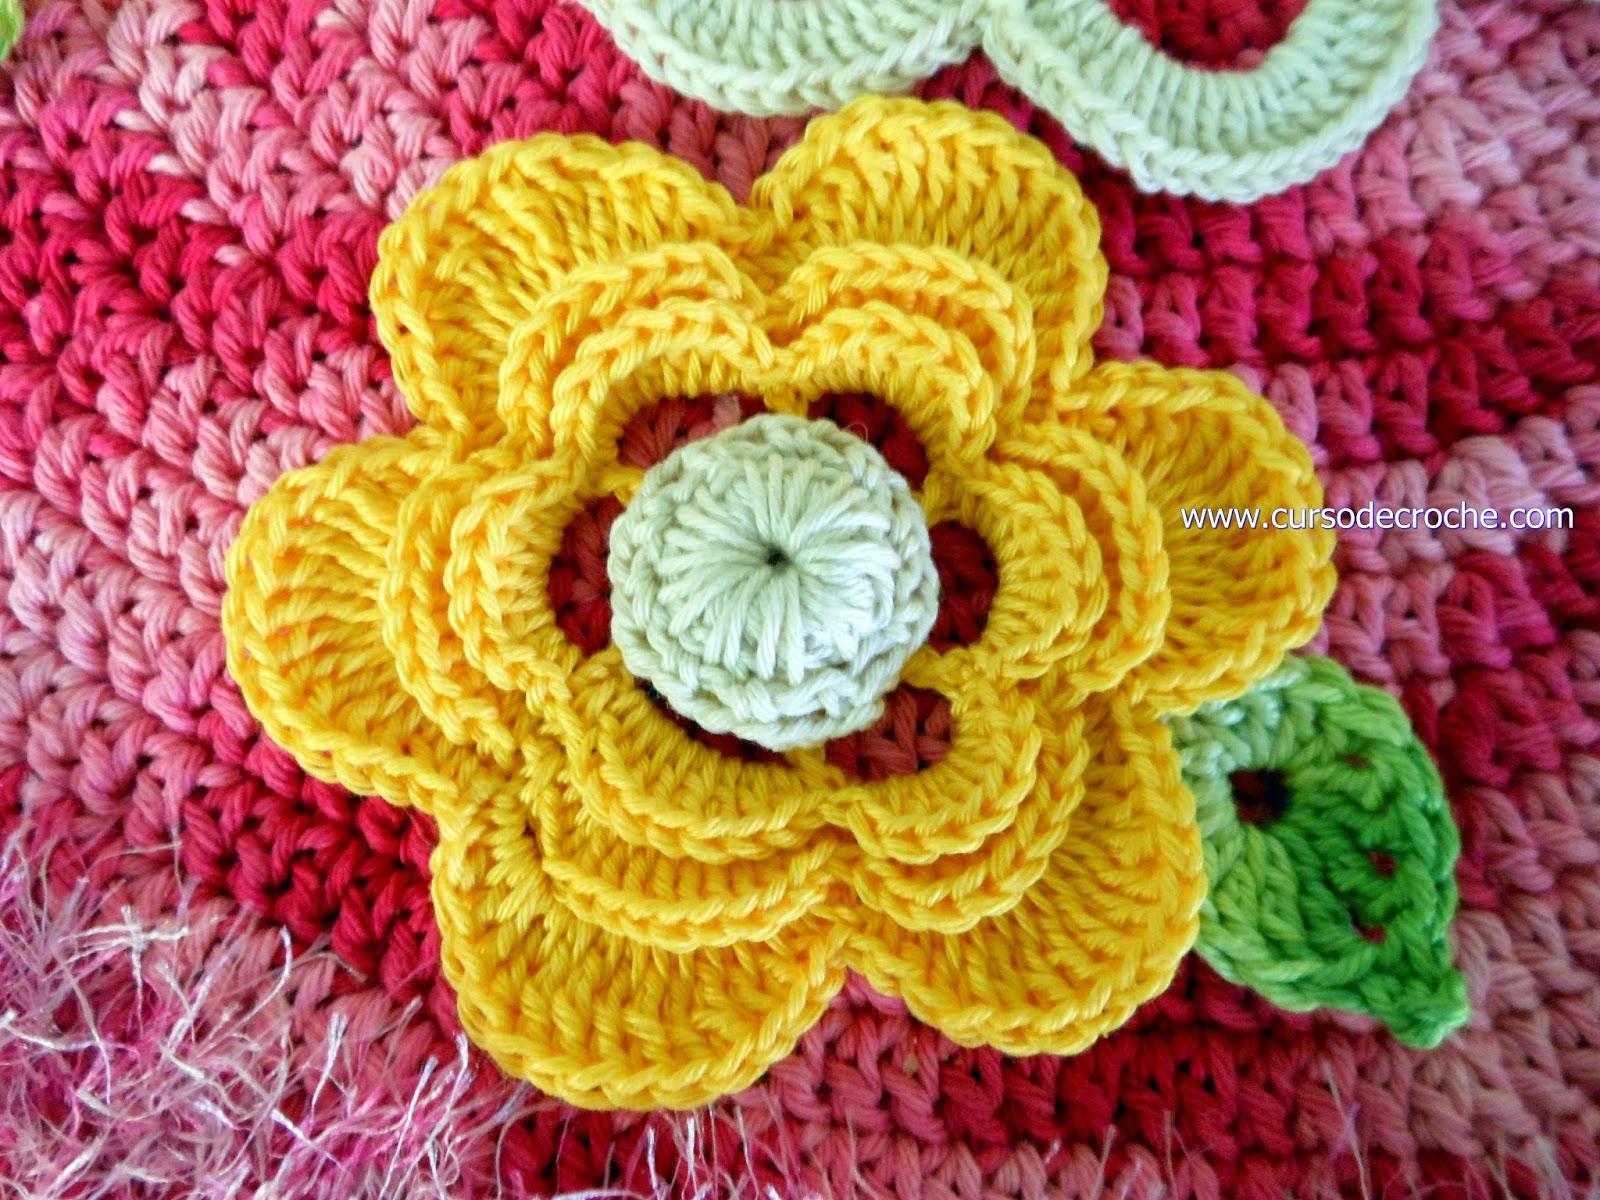 tapete em croche com flores com Edinir-Croche disponivel para venda na loja curso de croche